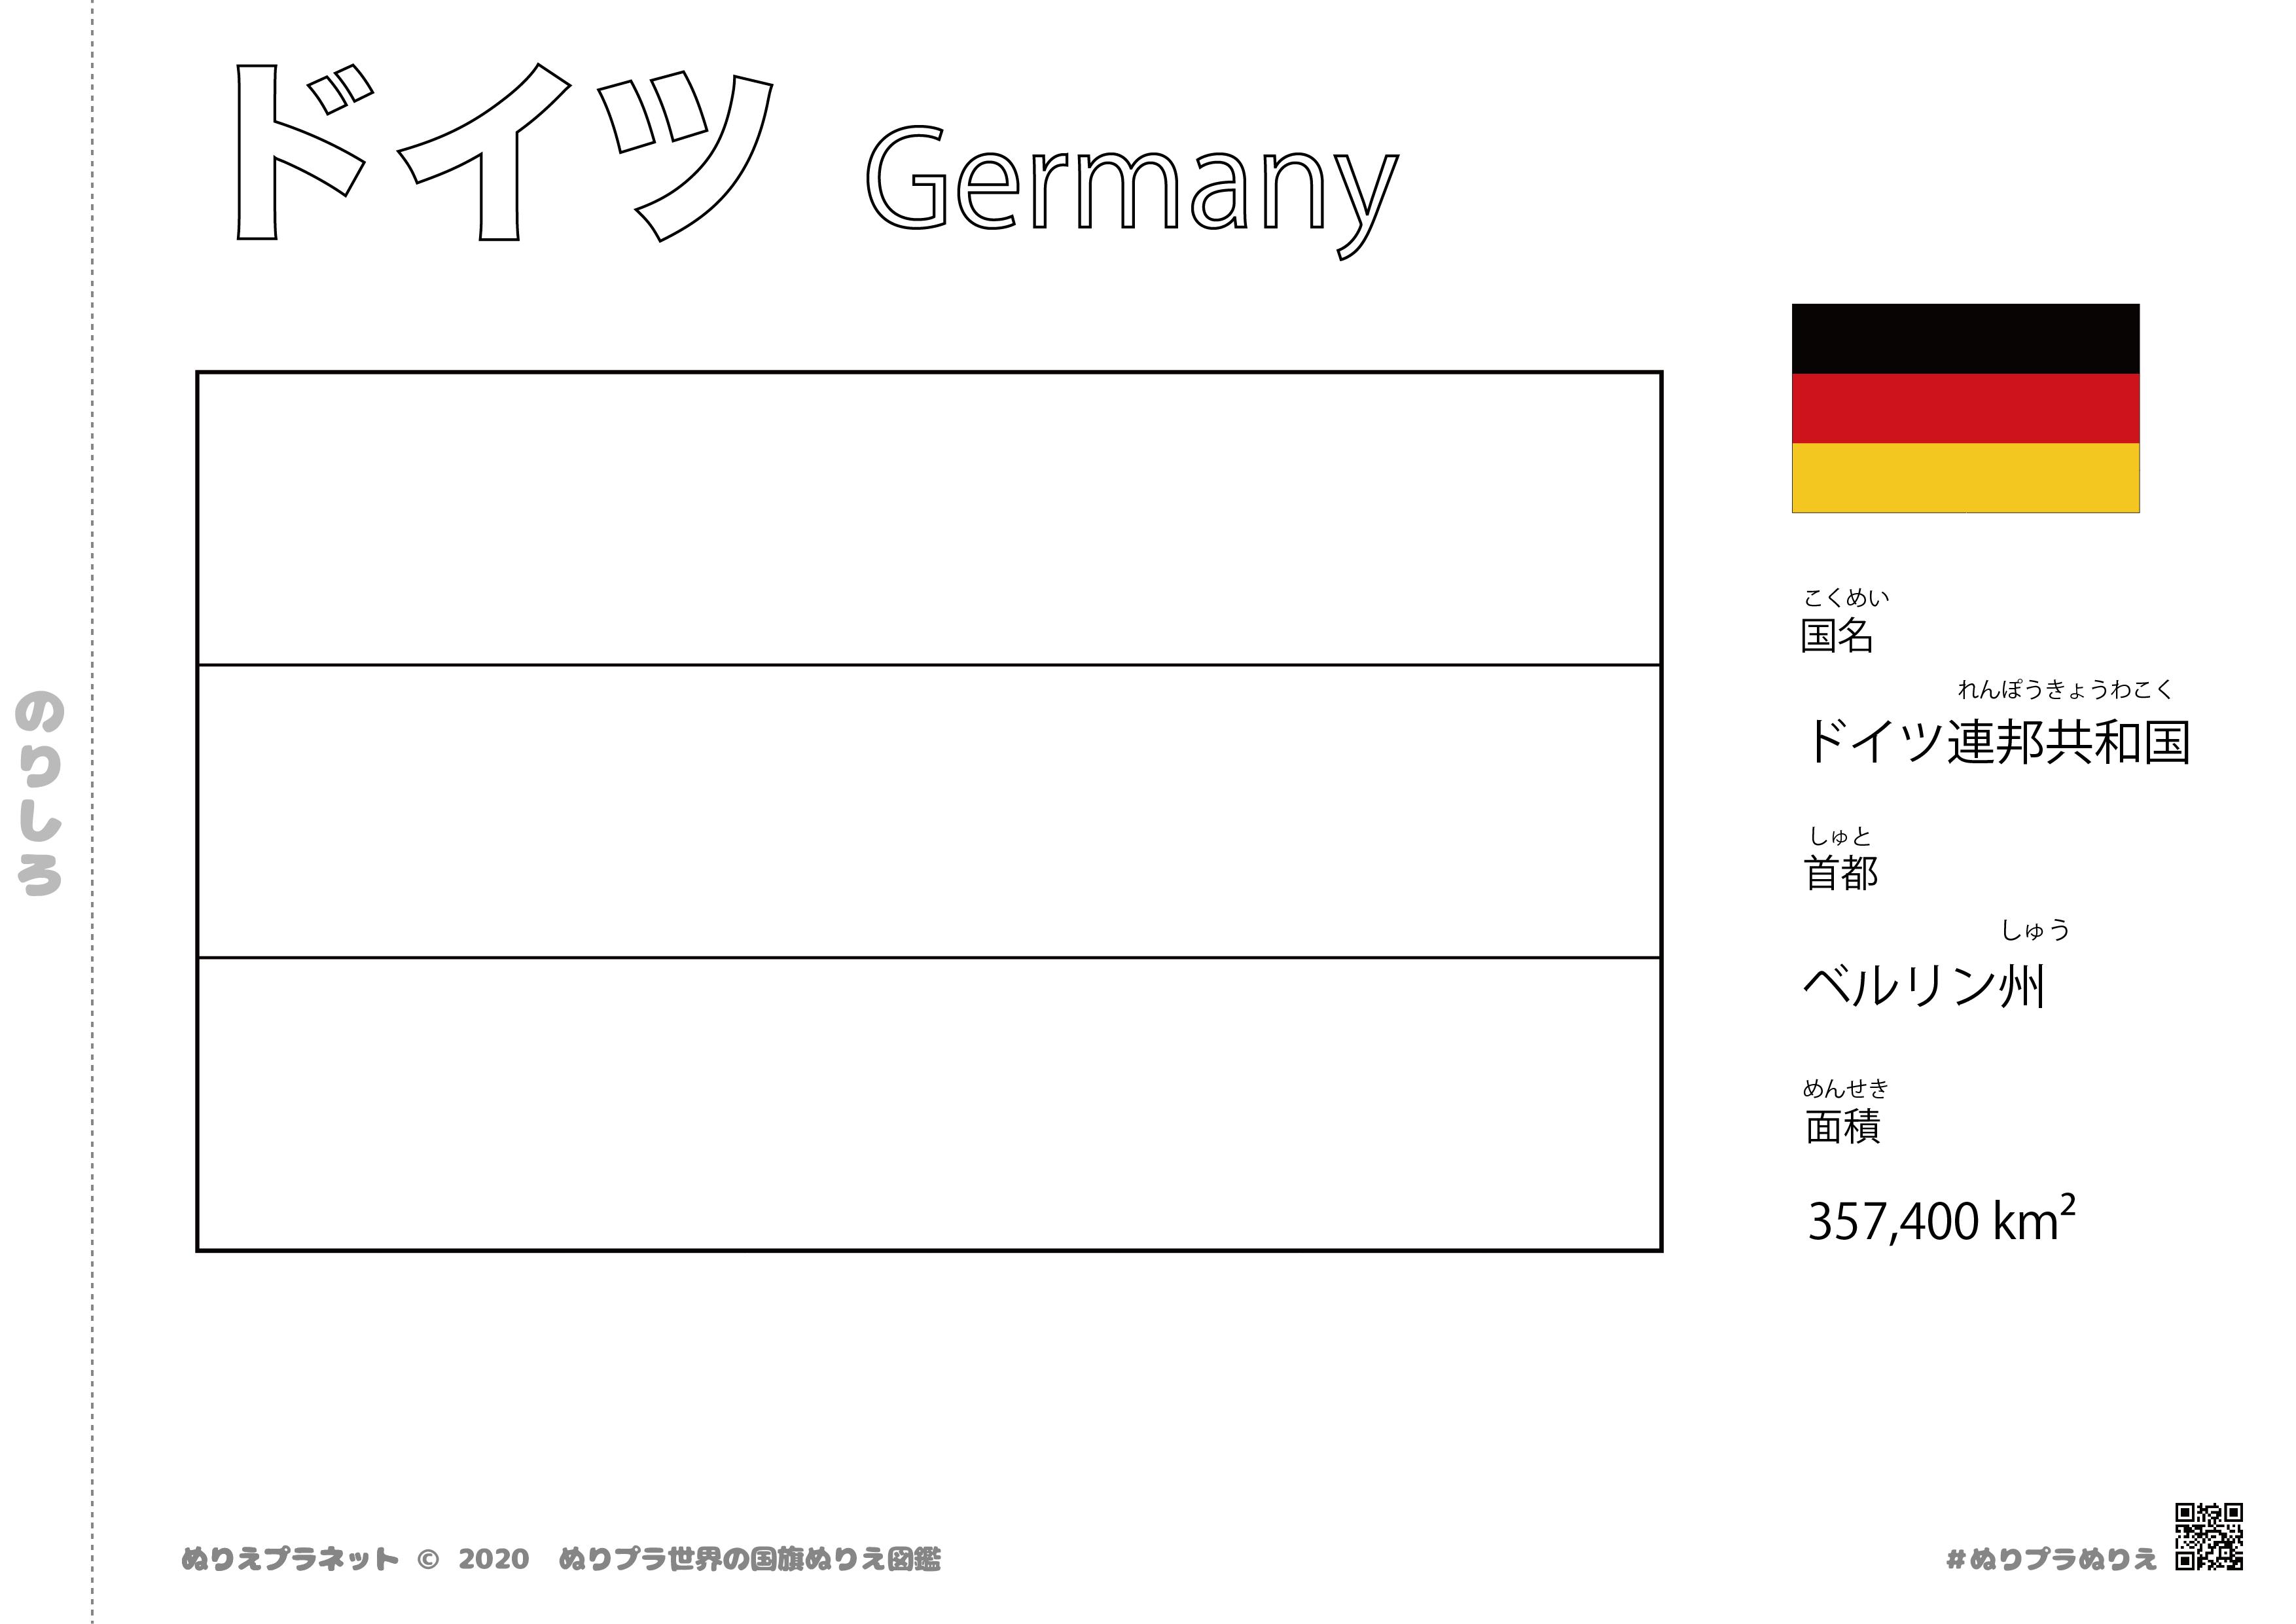 世界の国旗ぬりえ図鑑シリーズのドイツの国旗です。